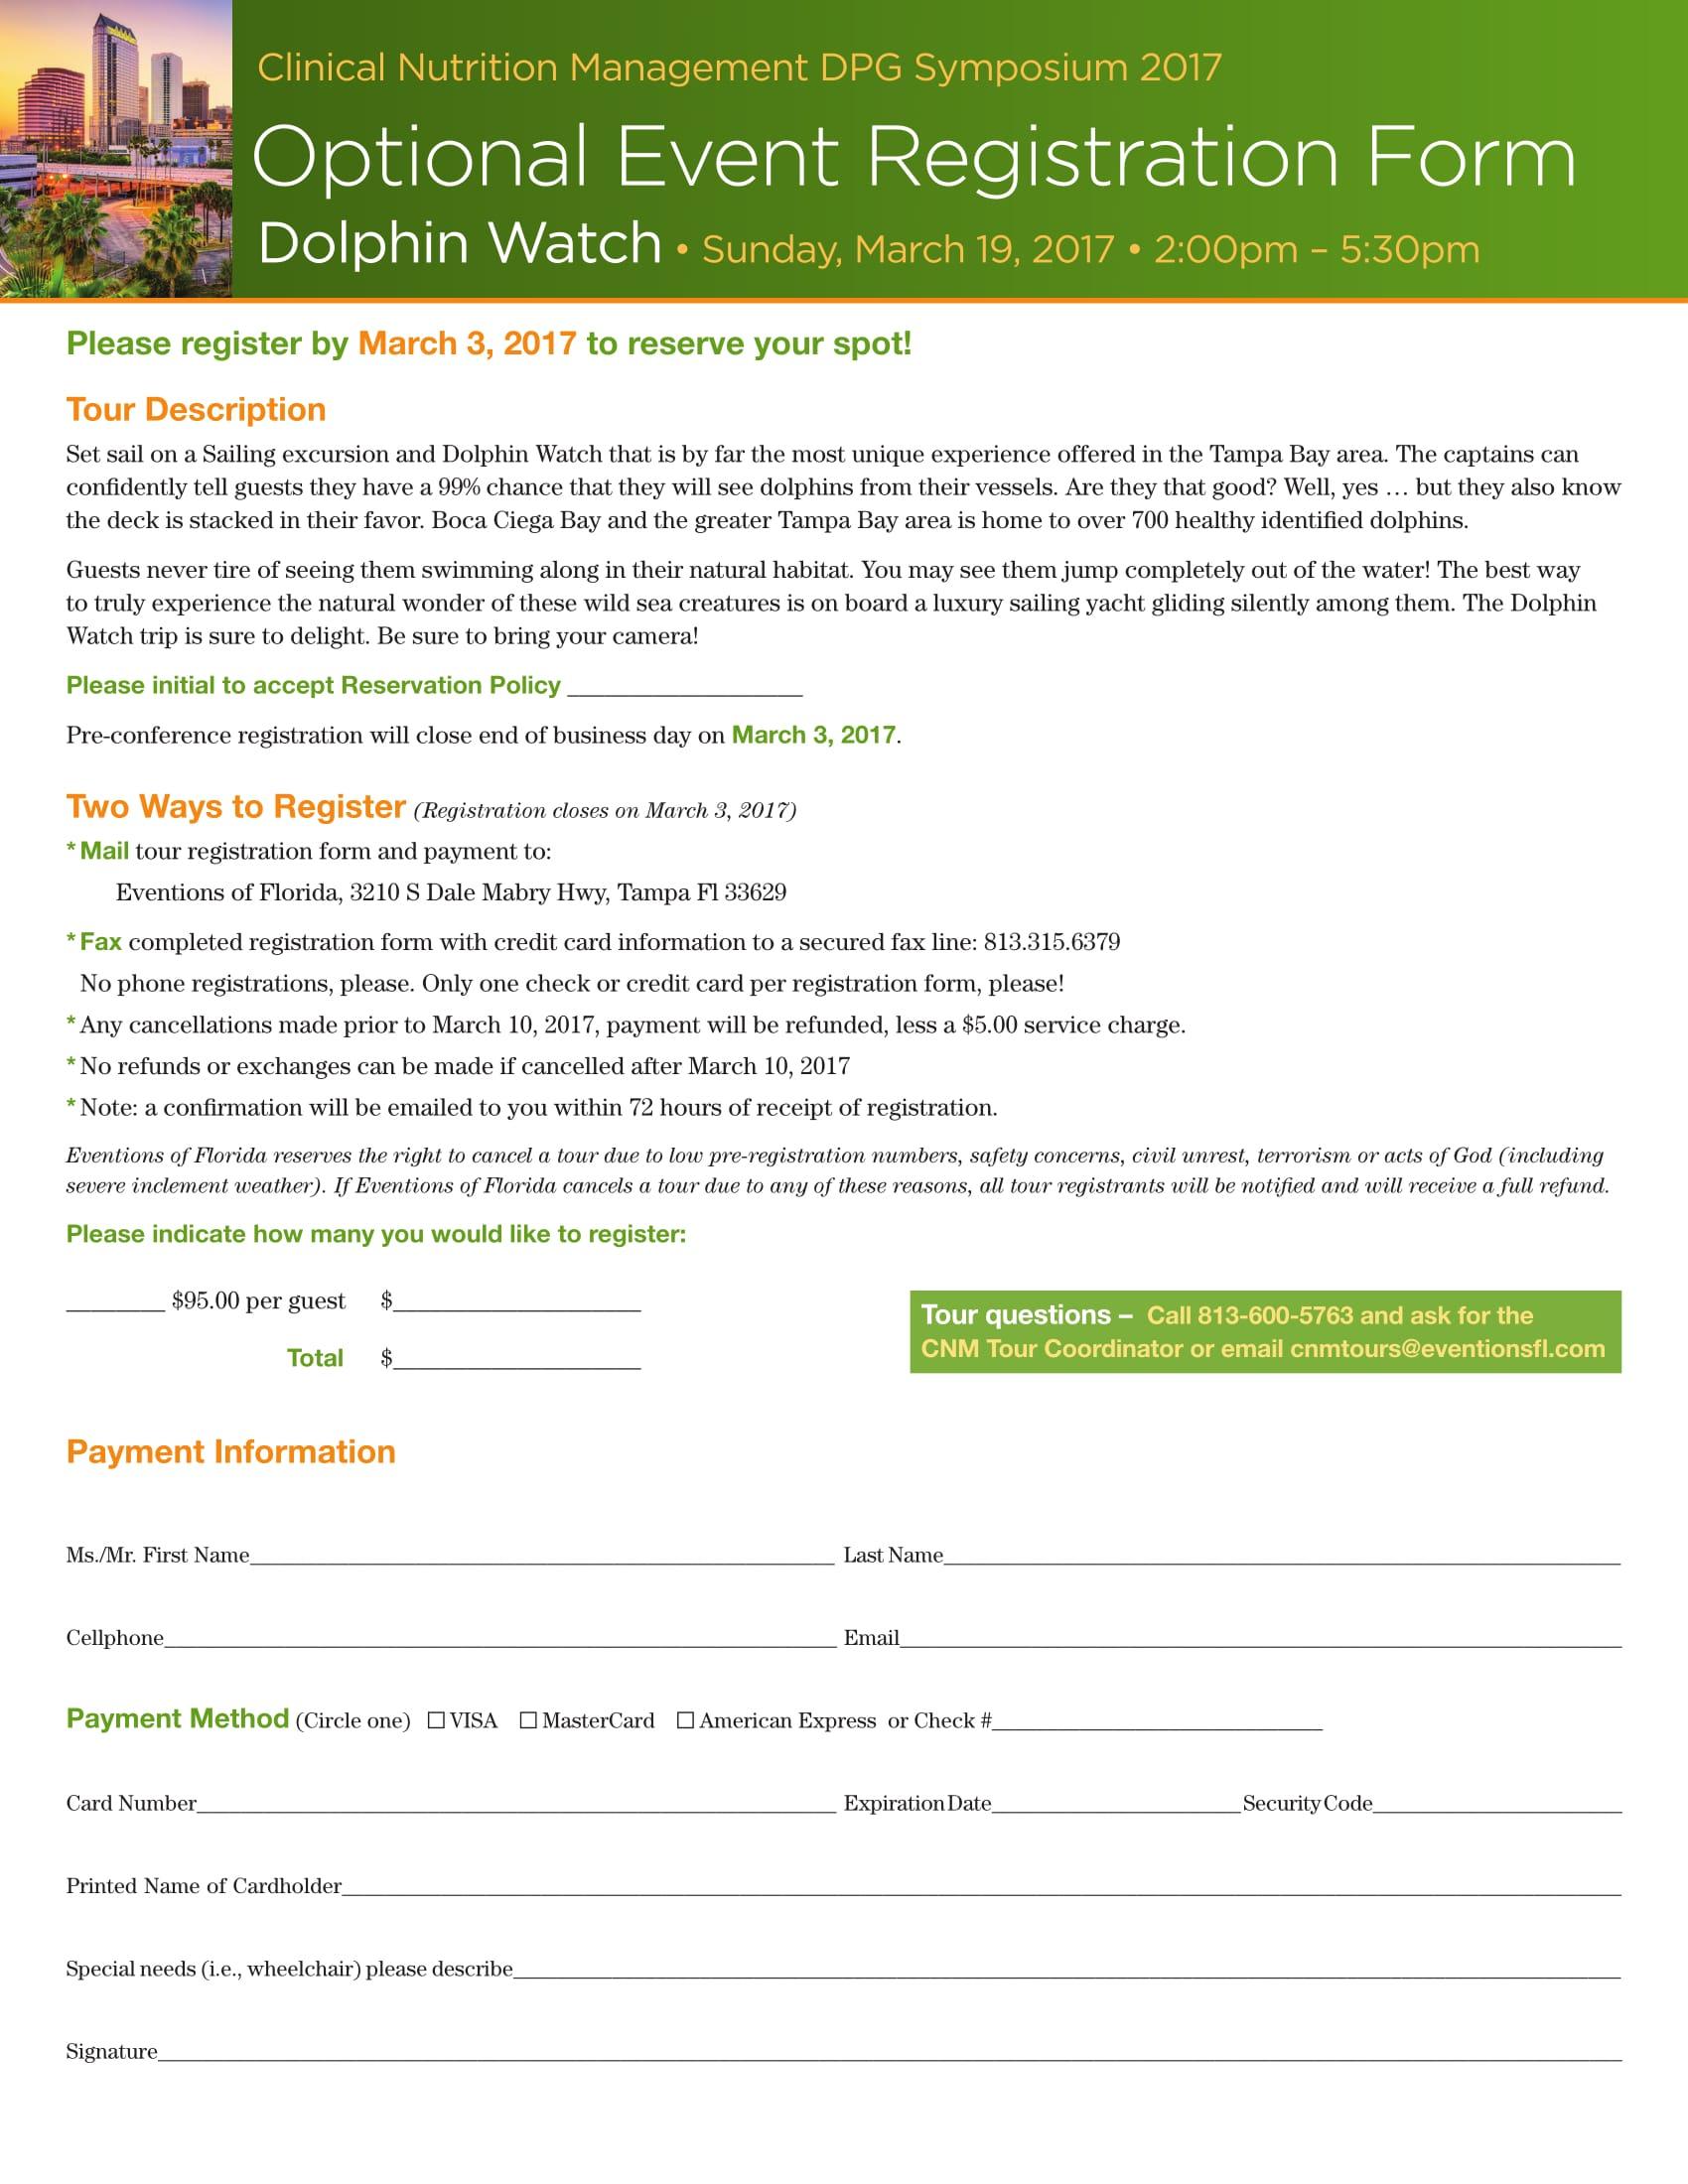 optional event registration form 1